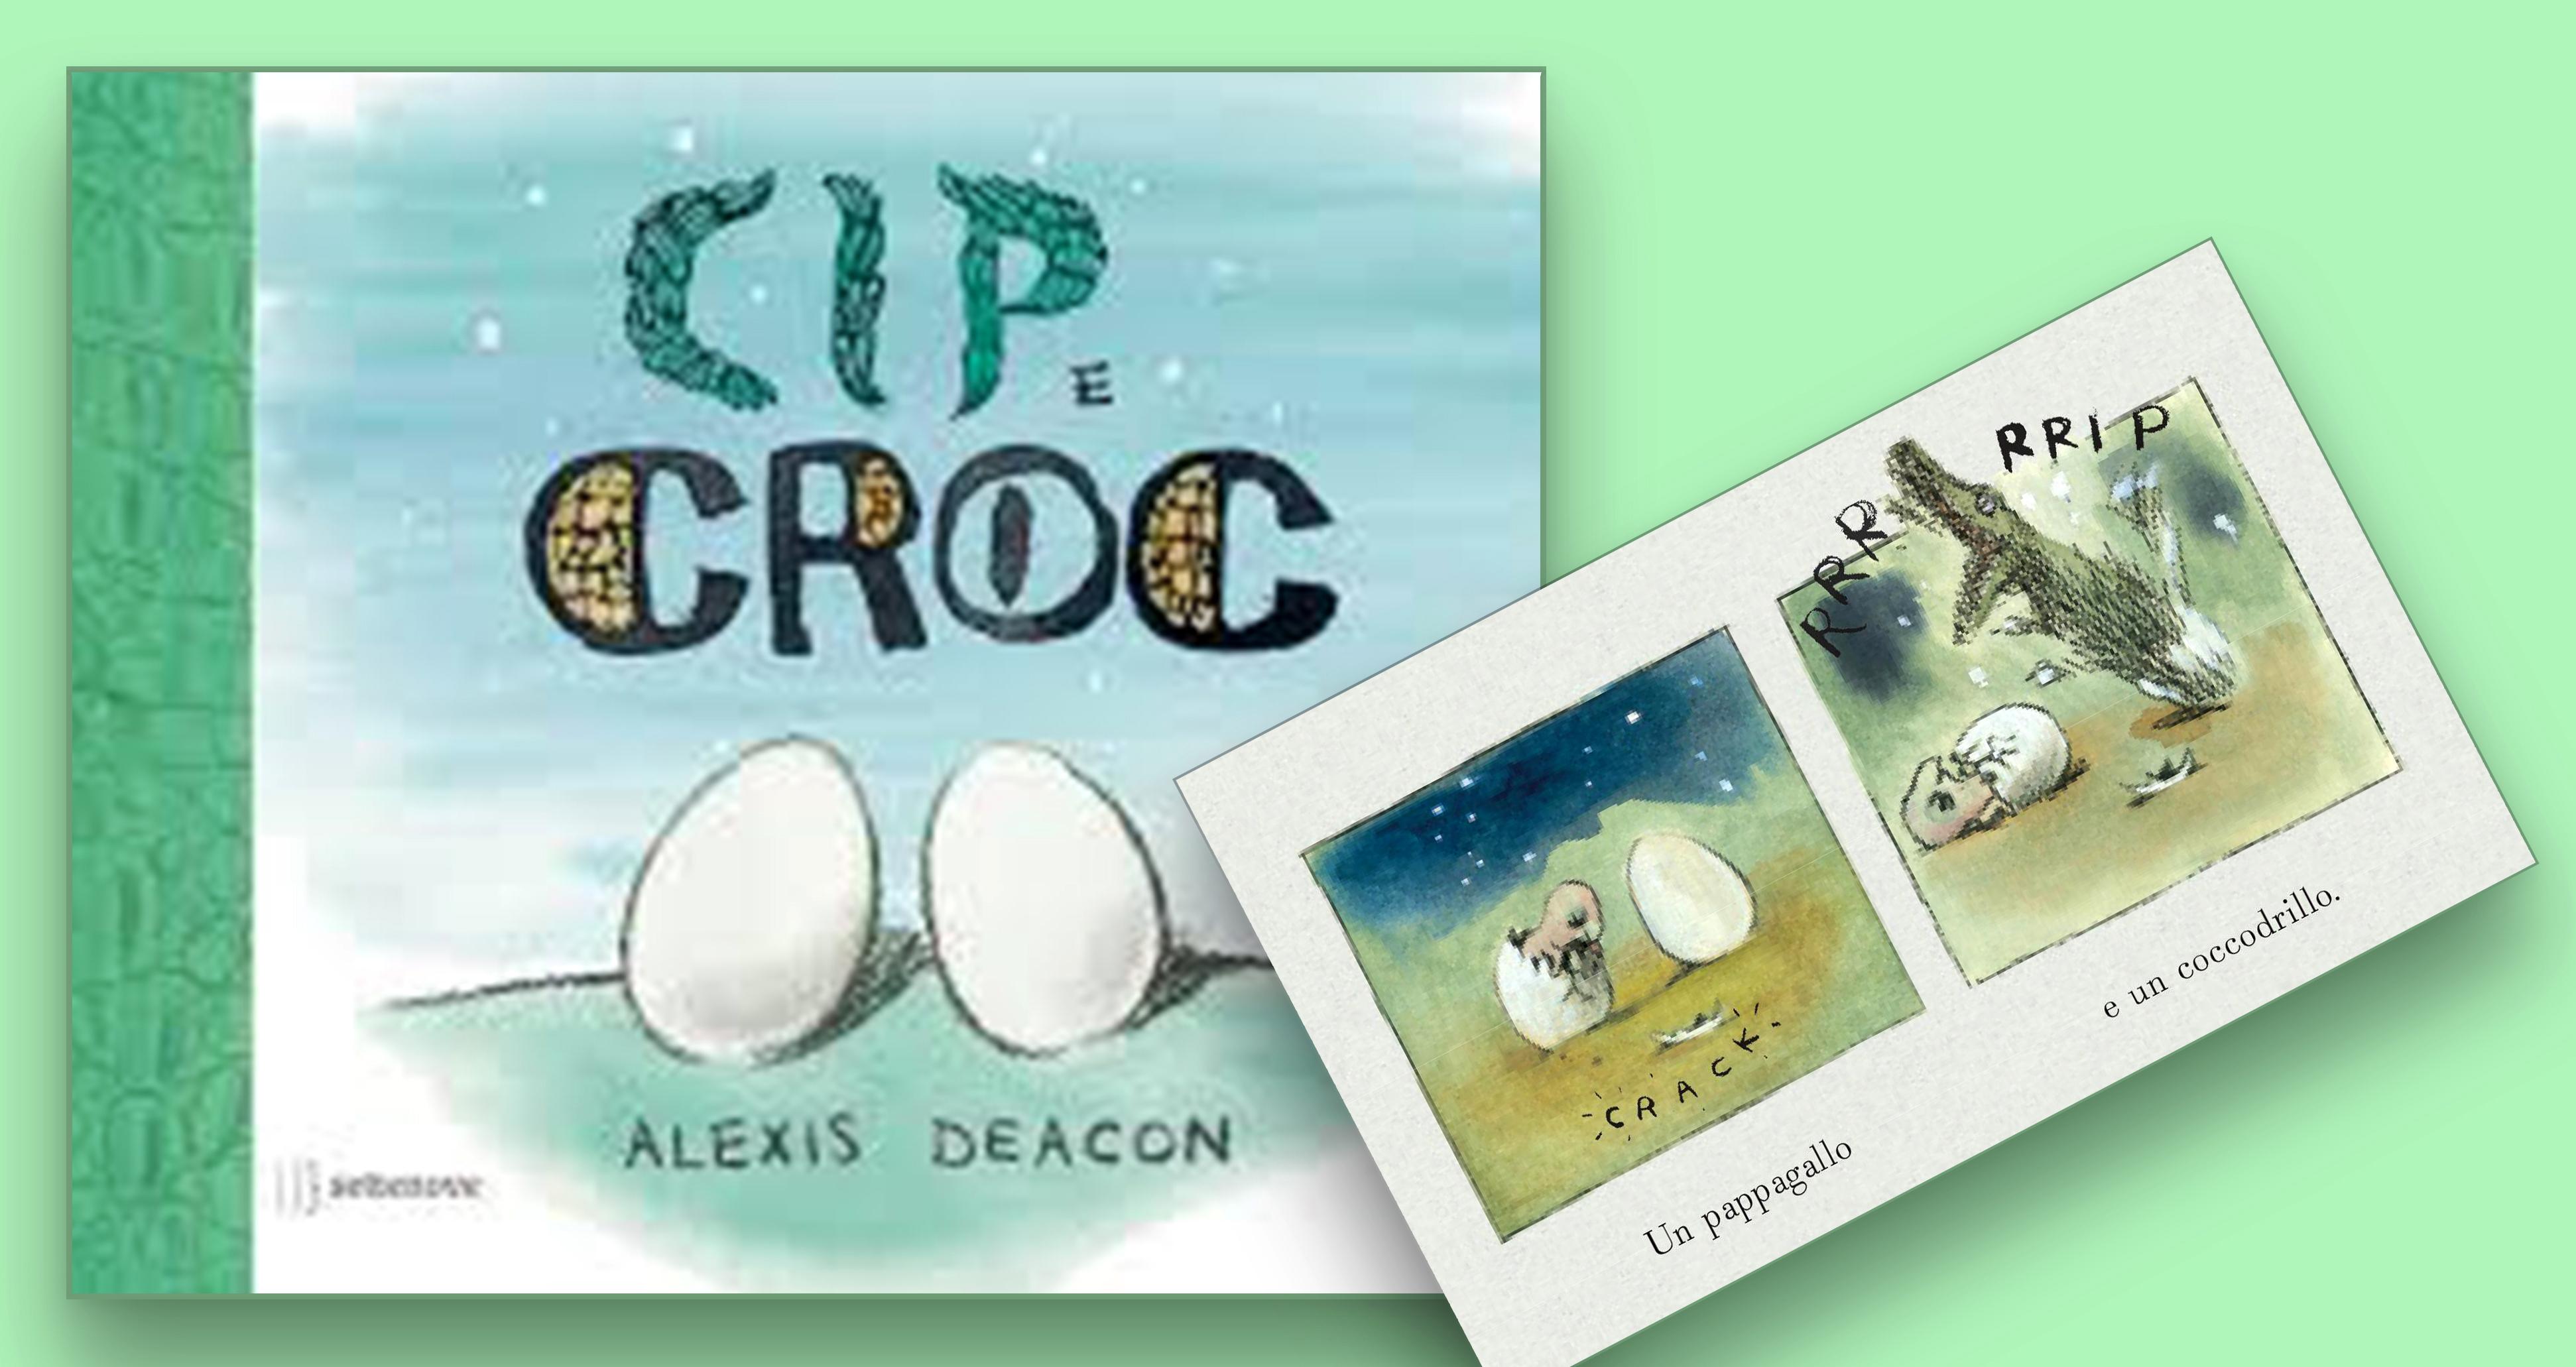 cipcroc